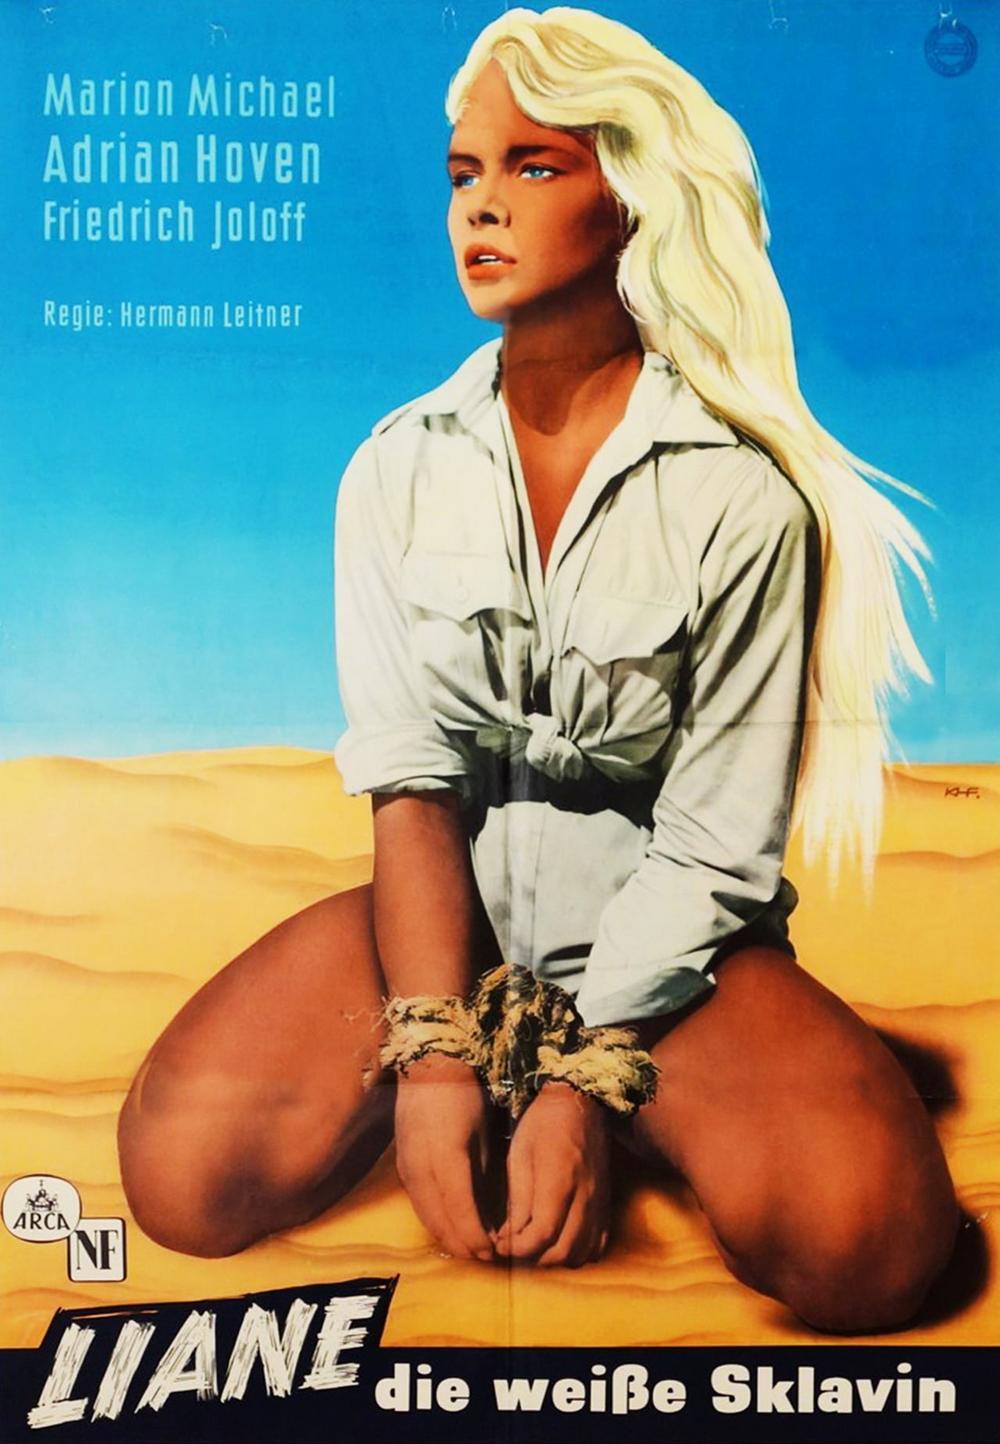 dvd erotik kaufen zum lecken gezwungen